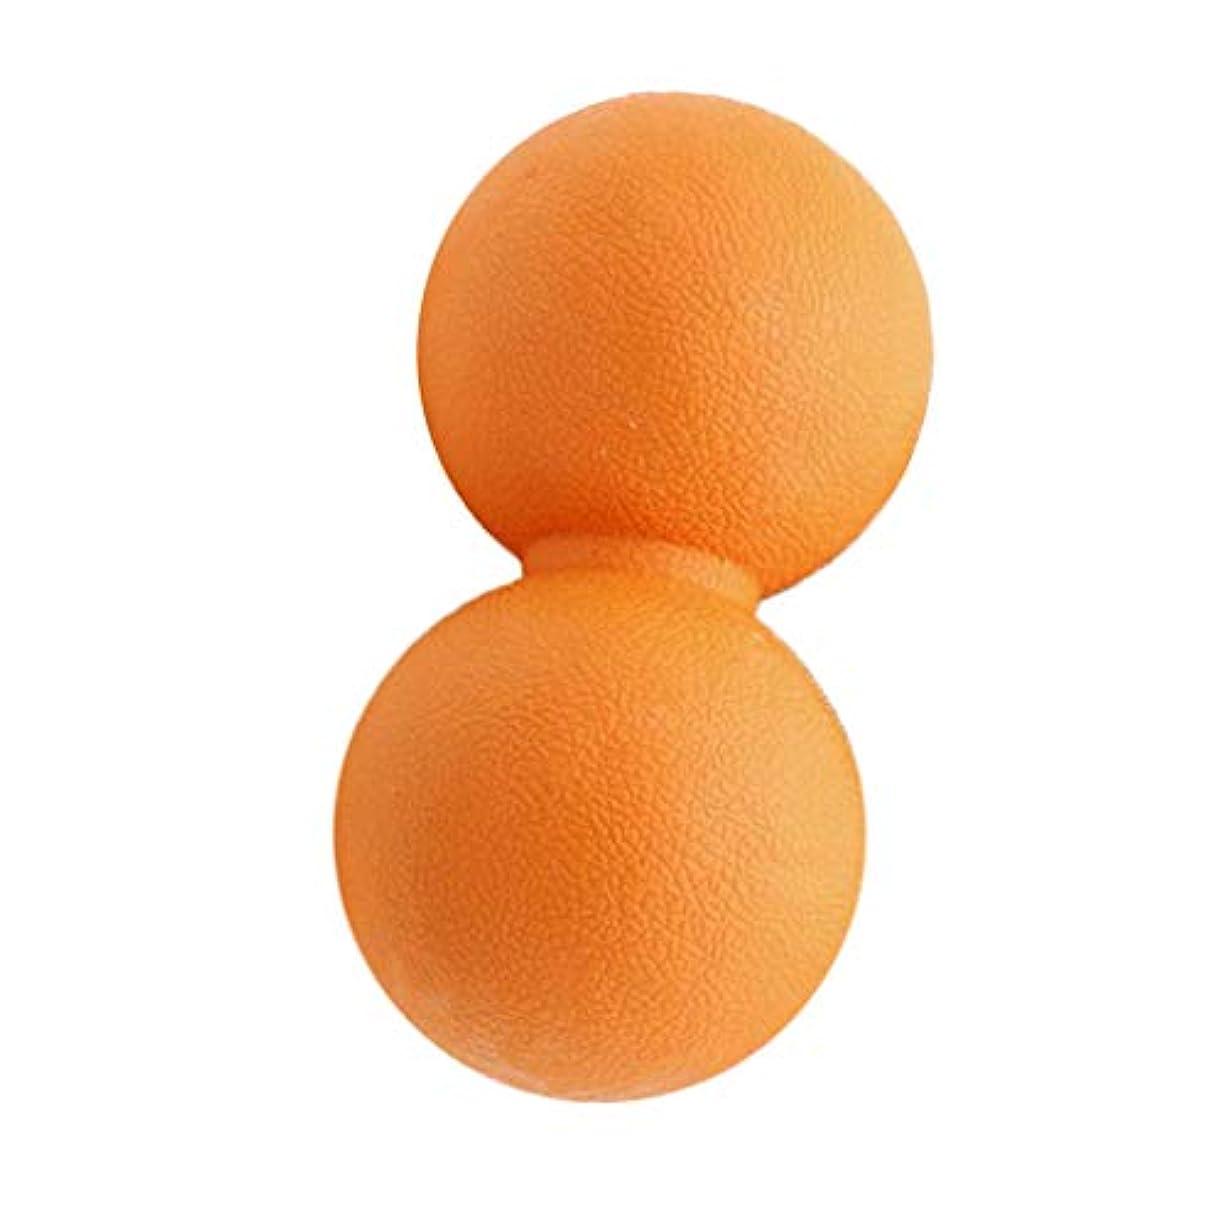 注釈を付ける人事パン屋全2色 マッサージボール ピーナッツ ツボ押しグッズ 疲れ解消ボール 筋膜リリース 筋肉疲労回復 - オレンジ, 13cm